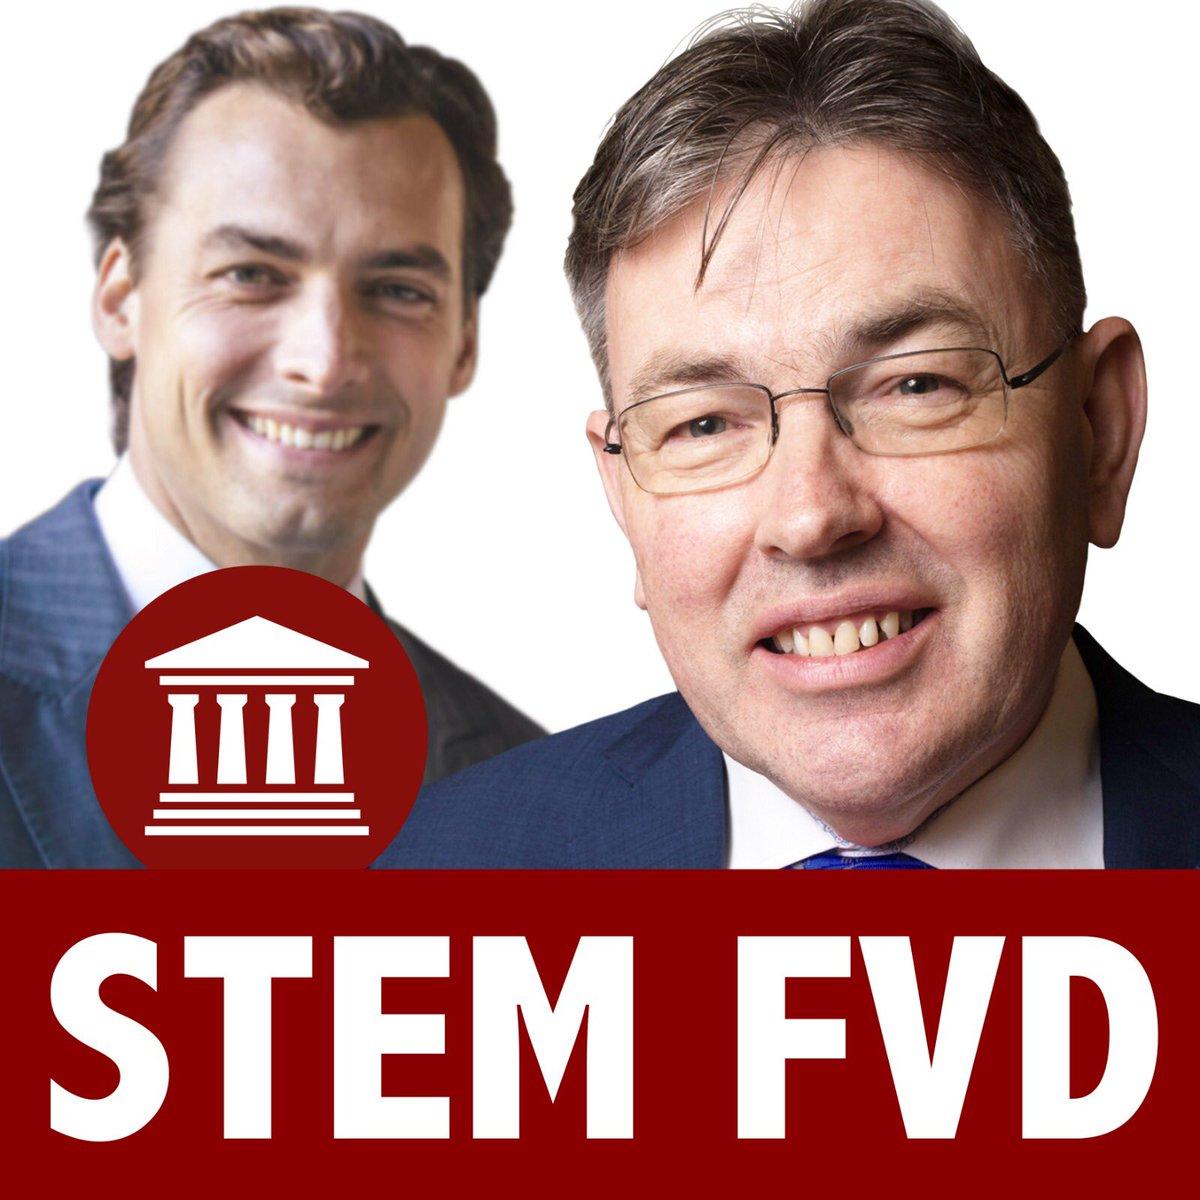 ForumvoorDemocratie's photo on Rutte